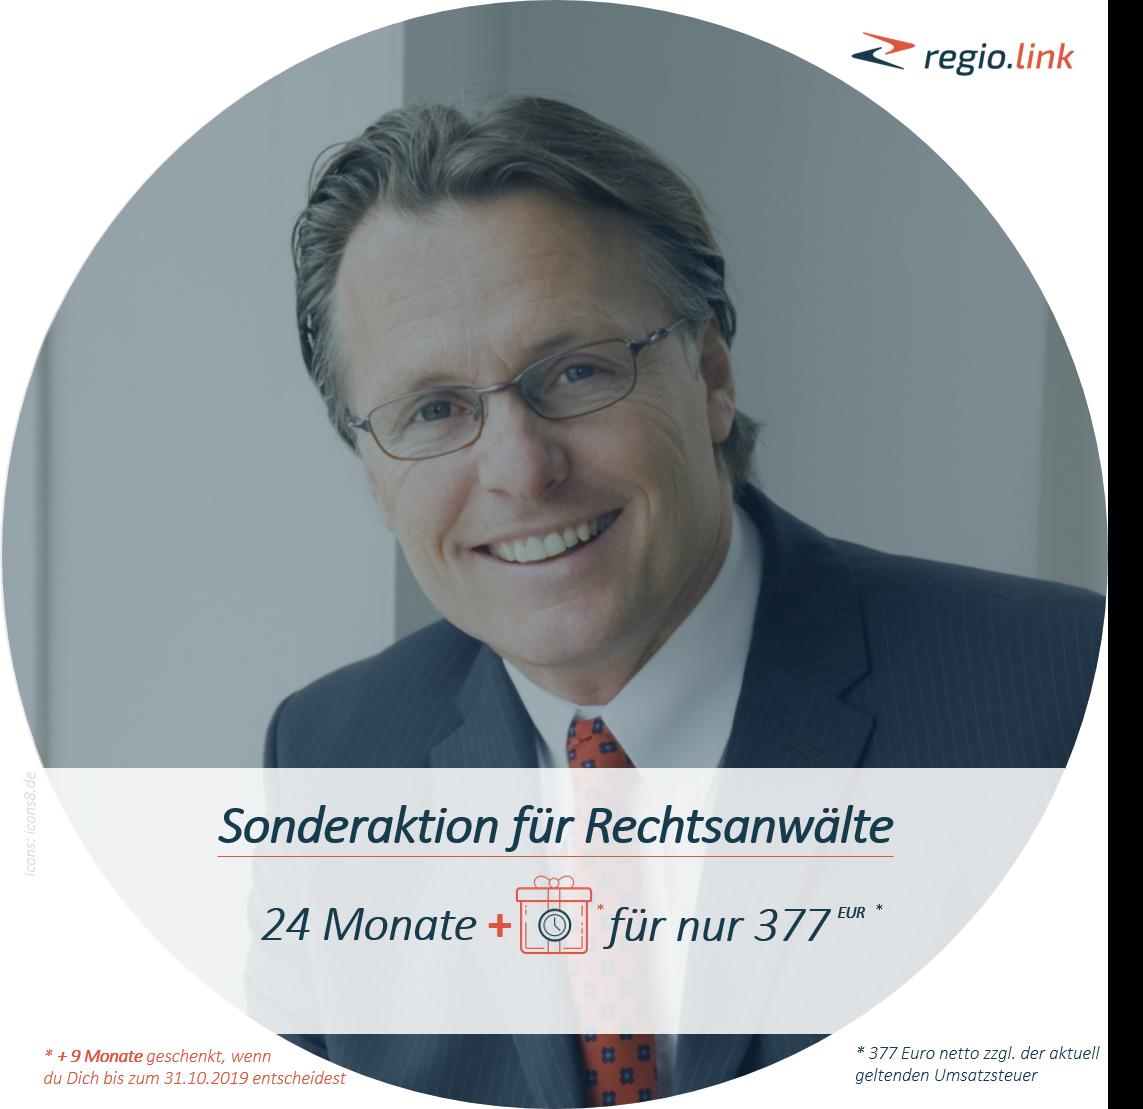 Kanzlei Hellersdorf, Werbung +++ Werbeaktion bis 31.10.2019 +++